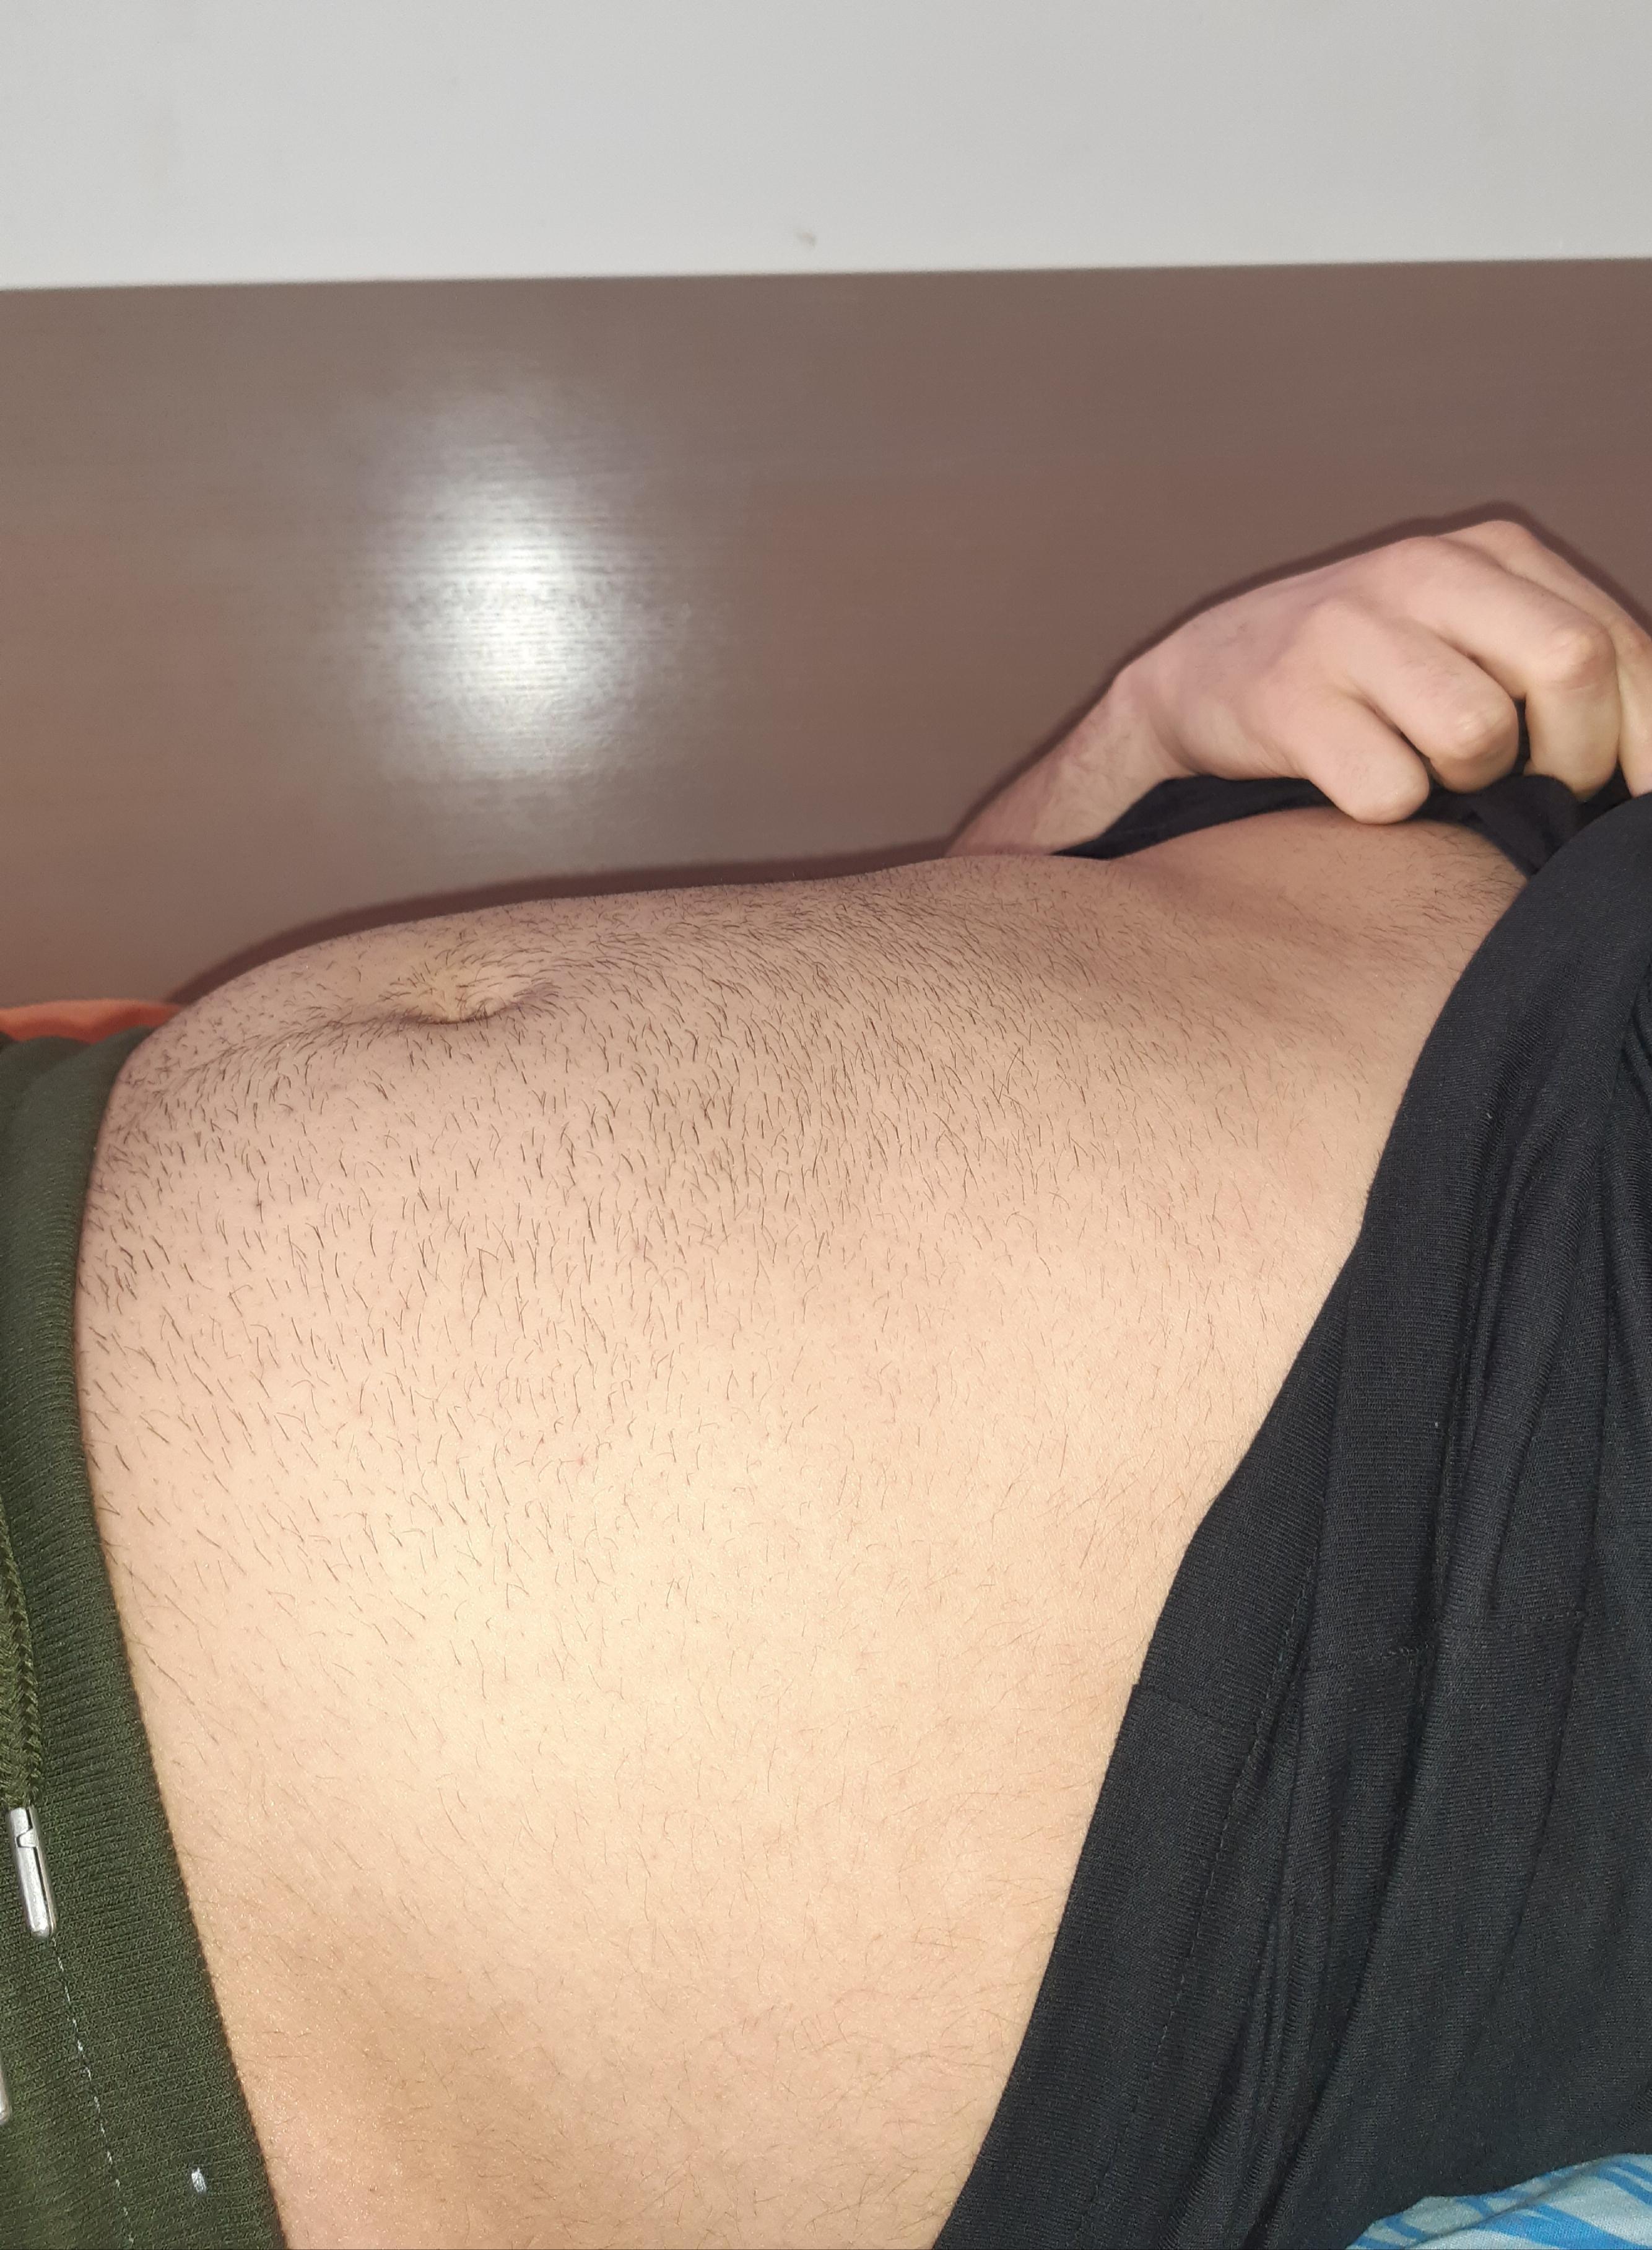 Habe ich Übergewicht bzw. einen hohen Körperfettanteil